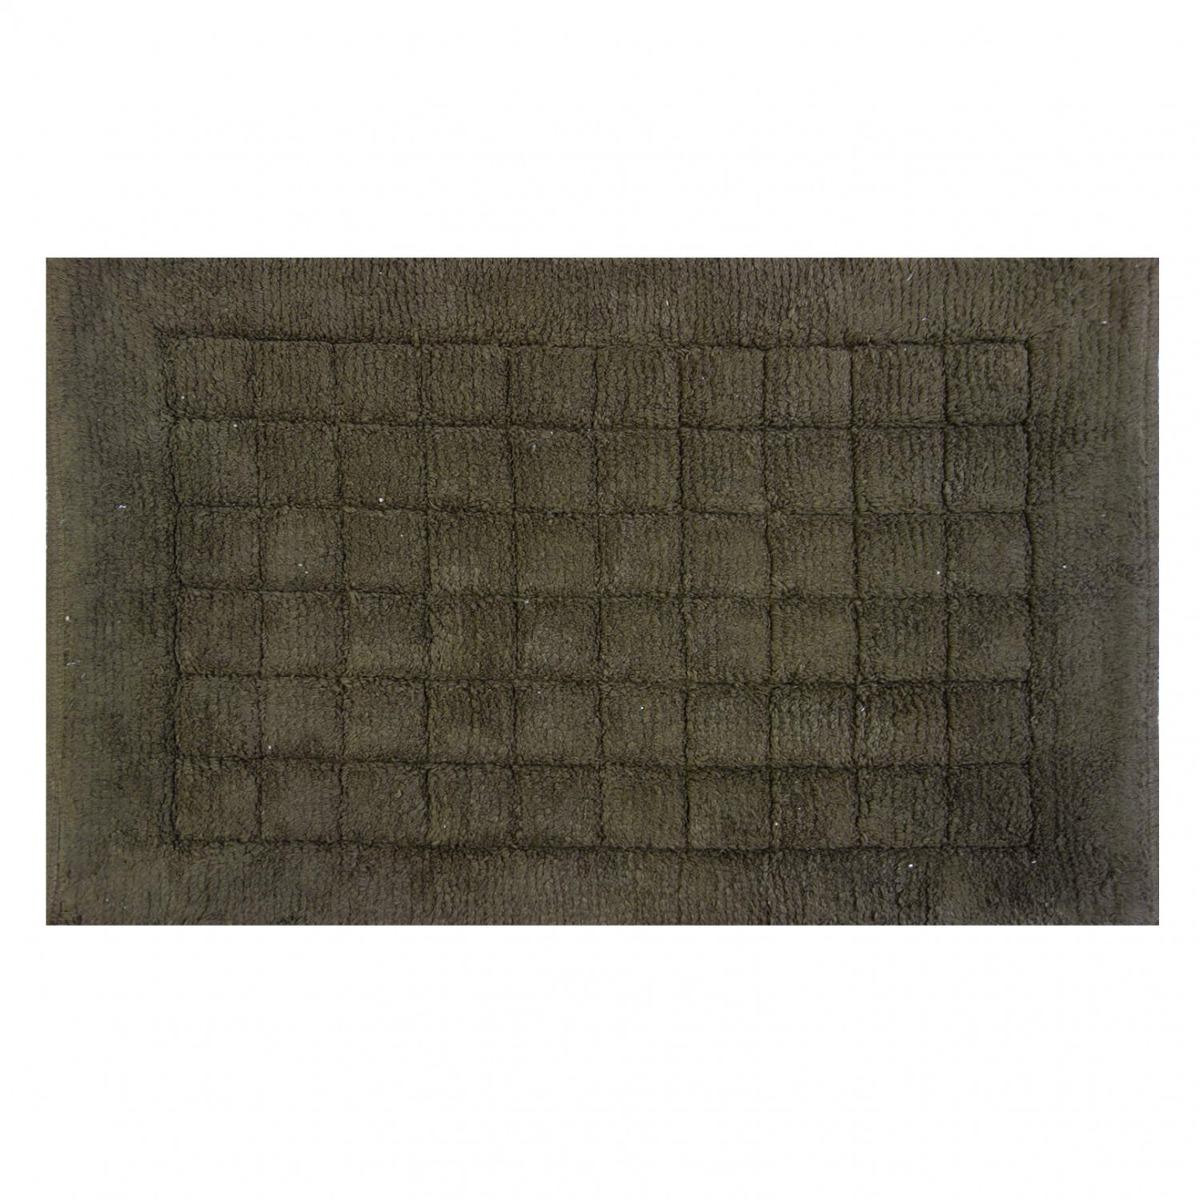 b08c1d2c4 tapete de banheiro liso hollywood niazitex 45cm x 75cm eewt. Carregando  zoom.